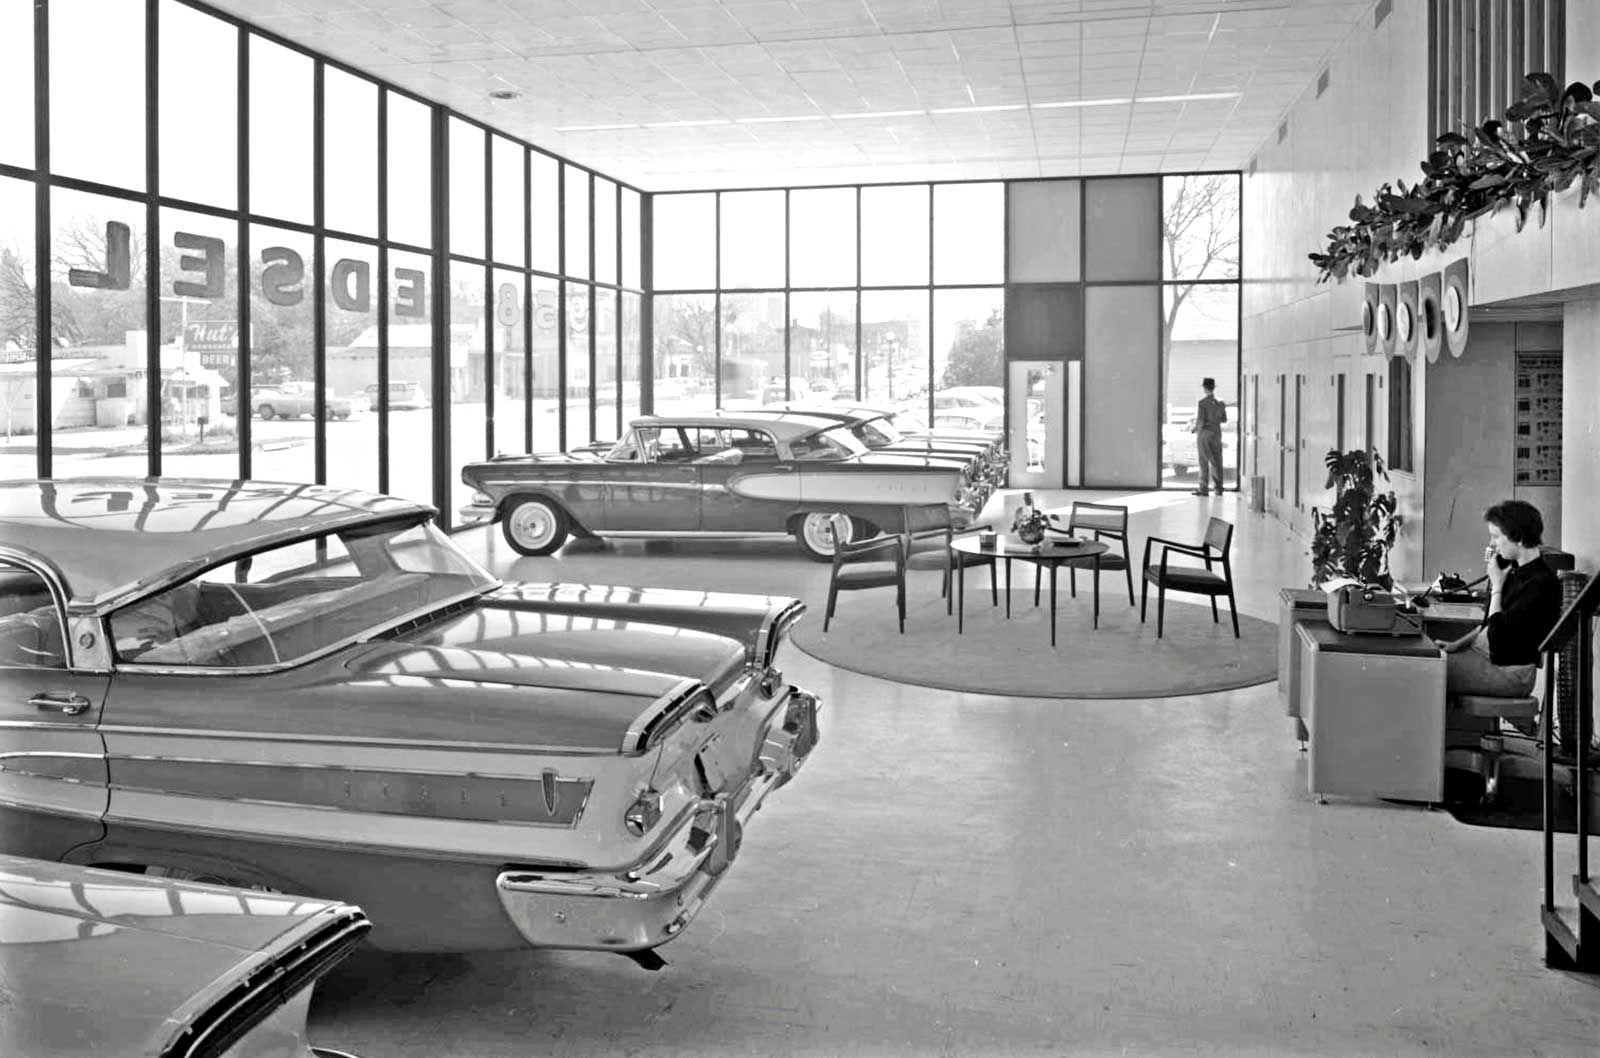 1958 Swearingen Bros Edsel Dealership Austin Texas Edsel Car Dealership Vespa Vintage